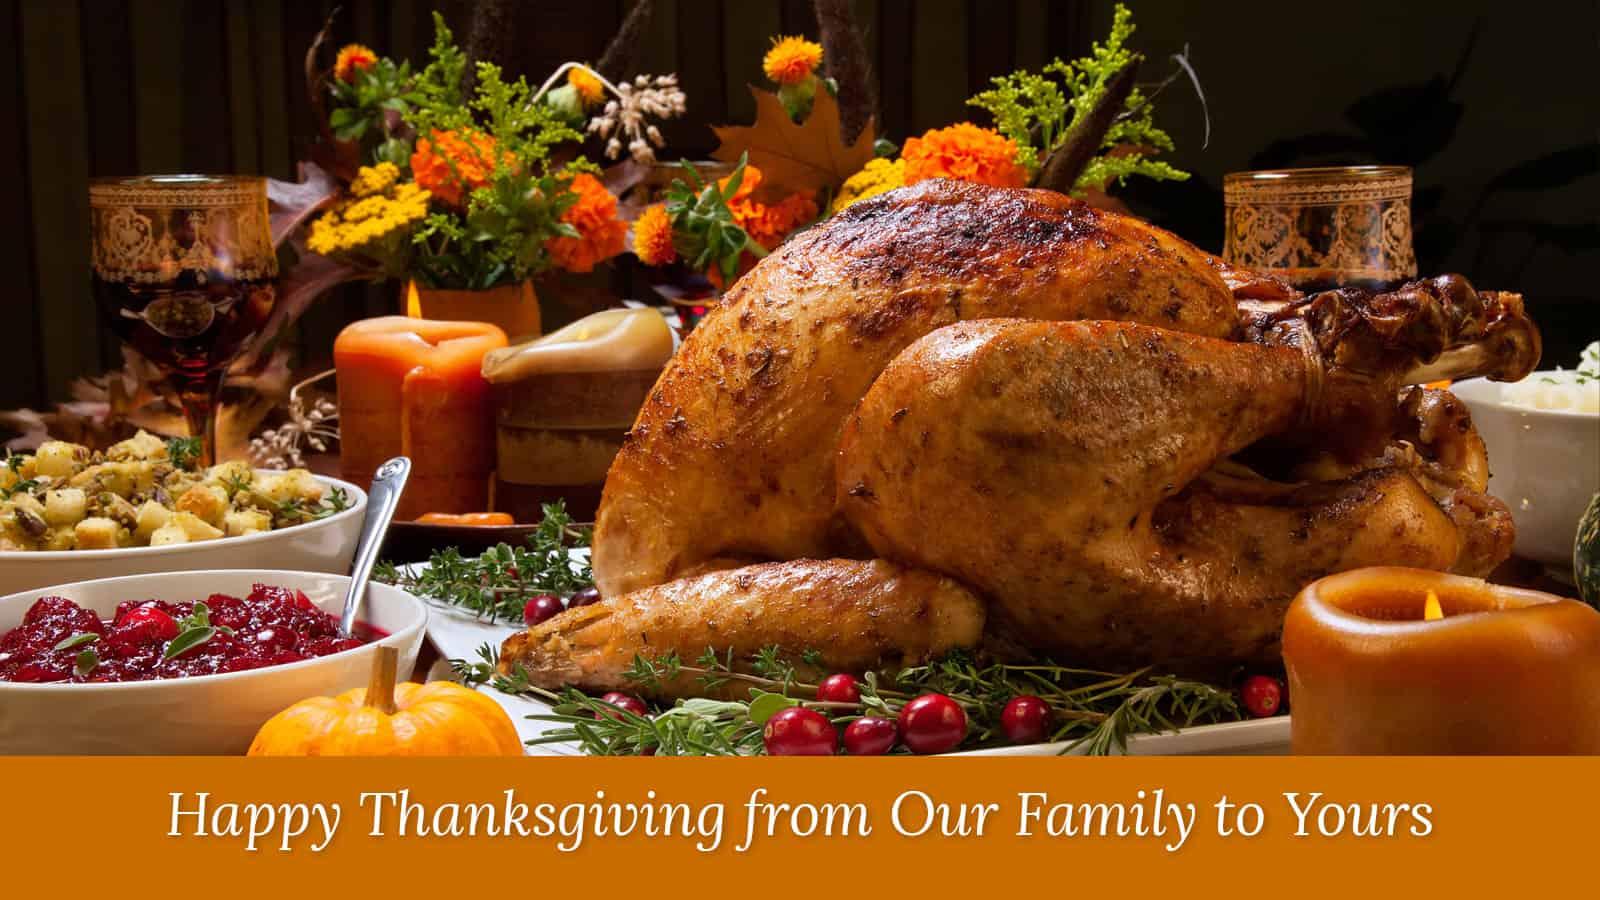 wmp-carousel-thanksgiving-lora